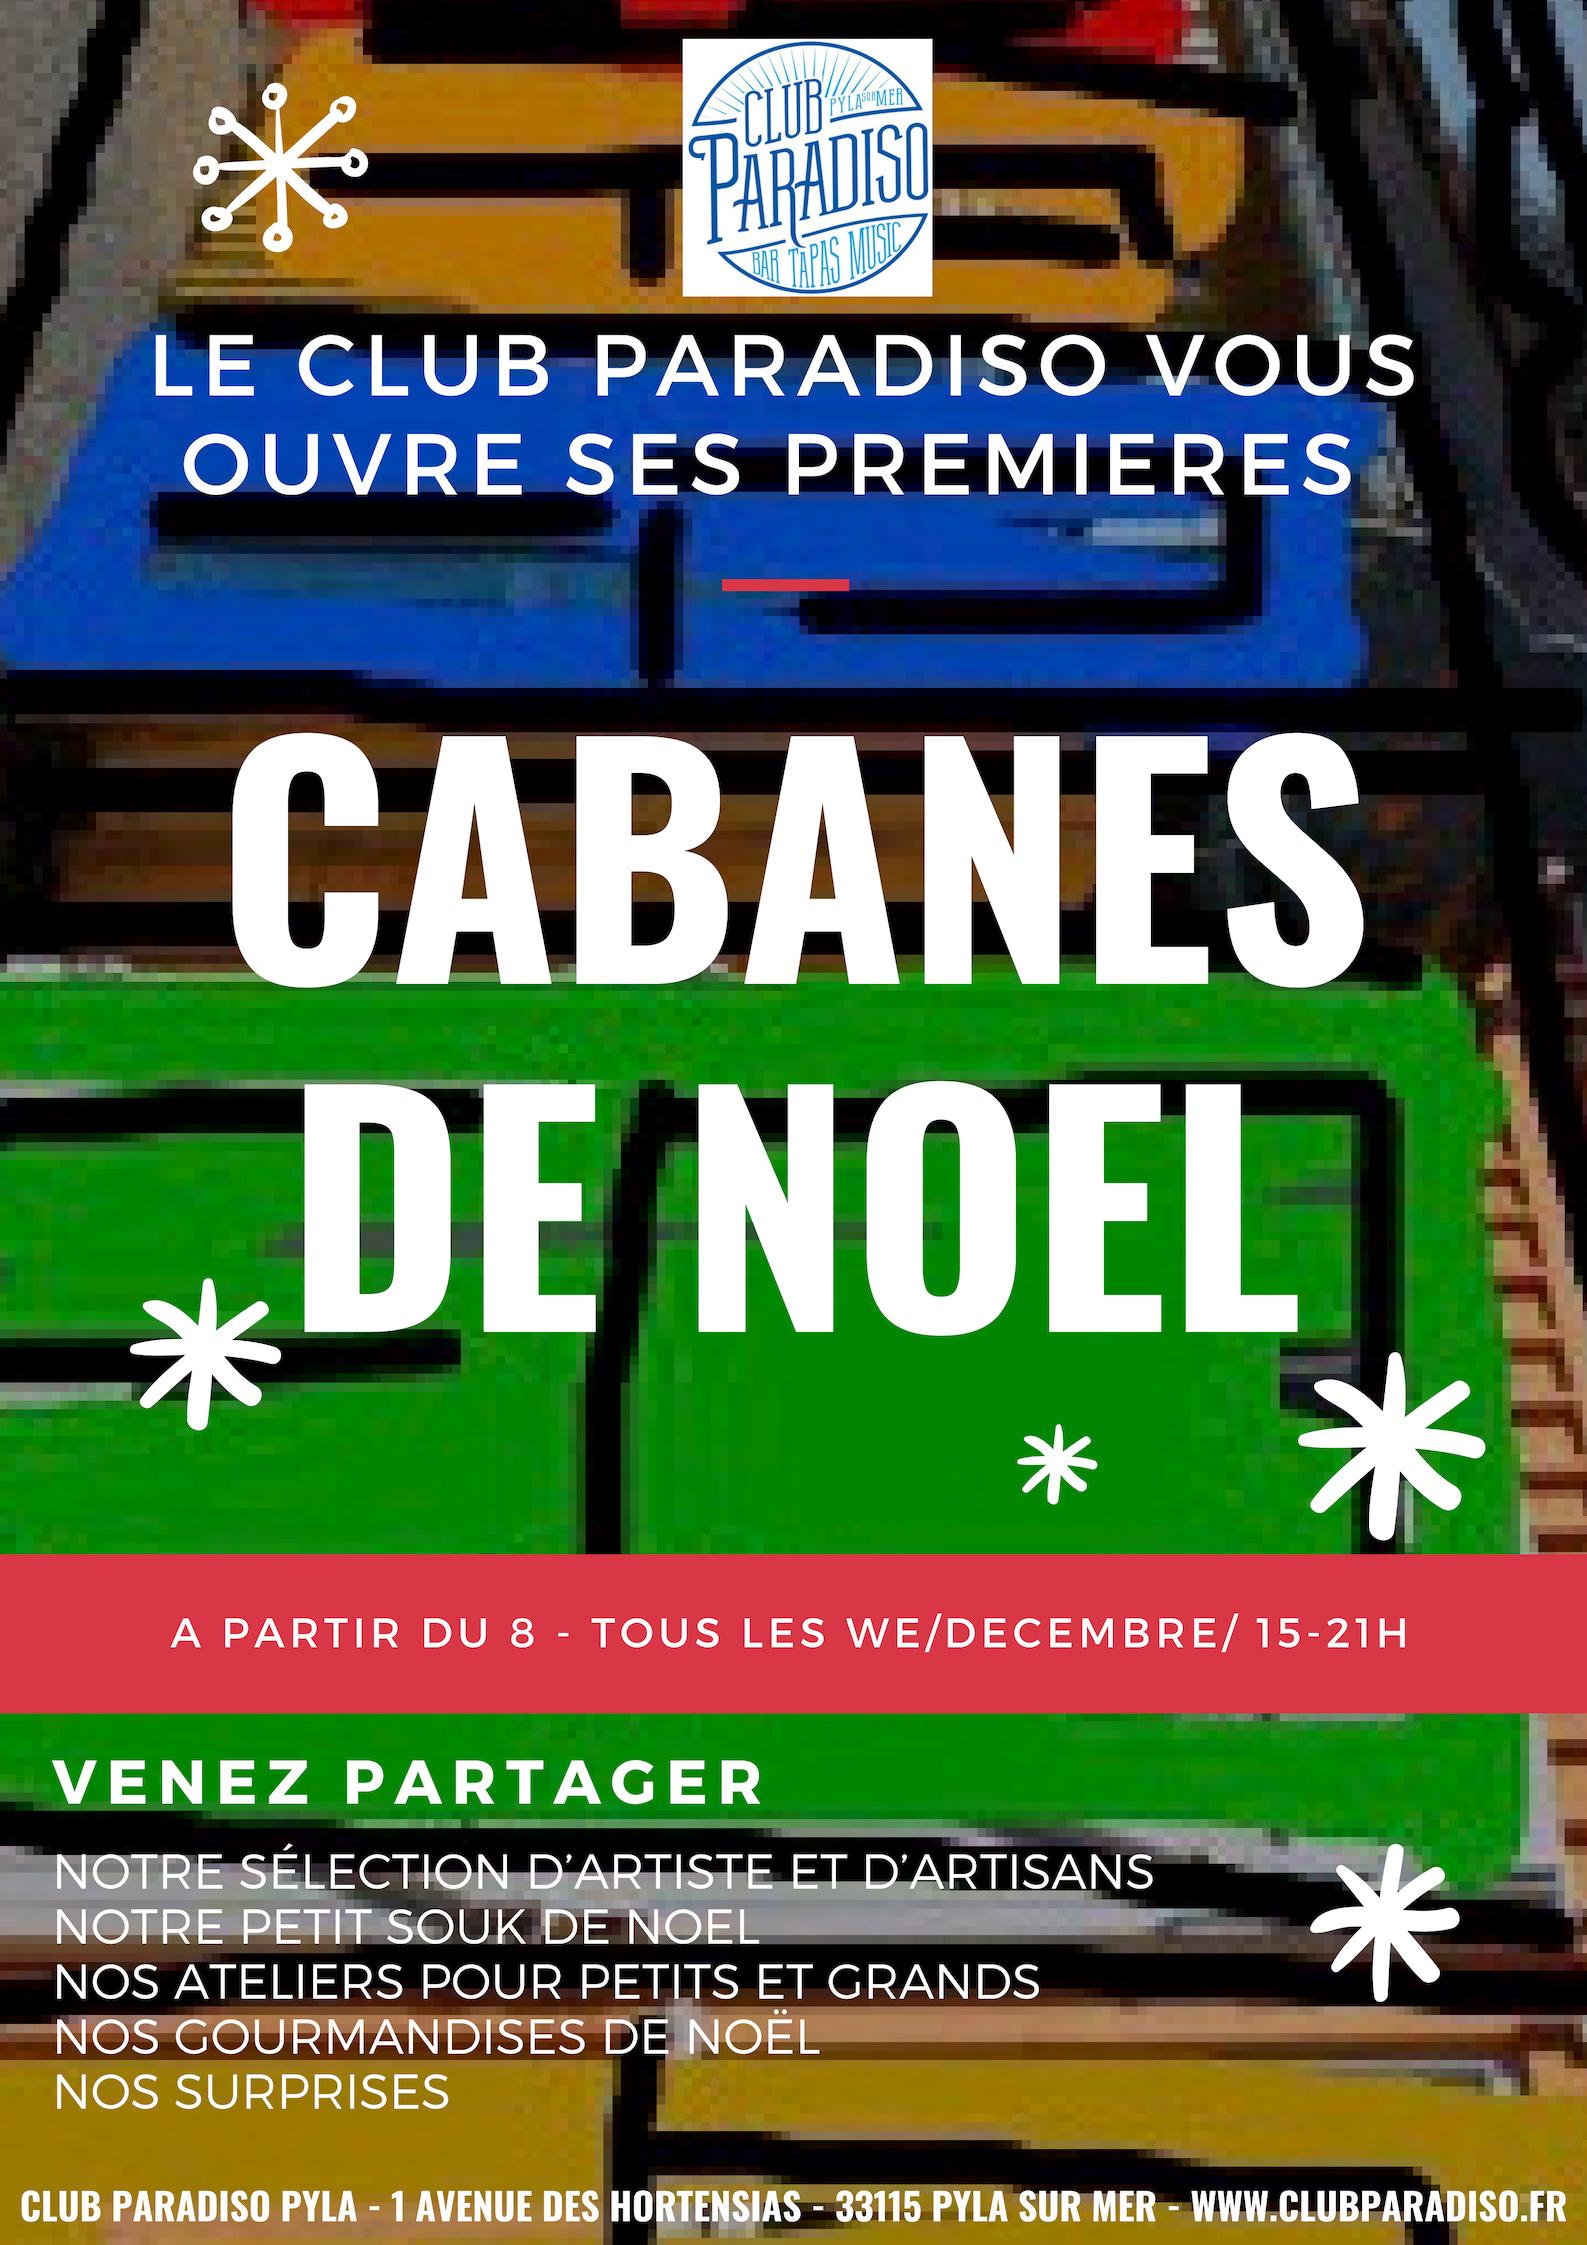 Cabanes de noel (1)